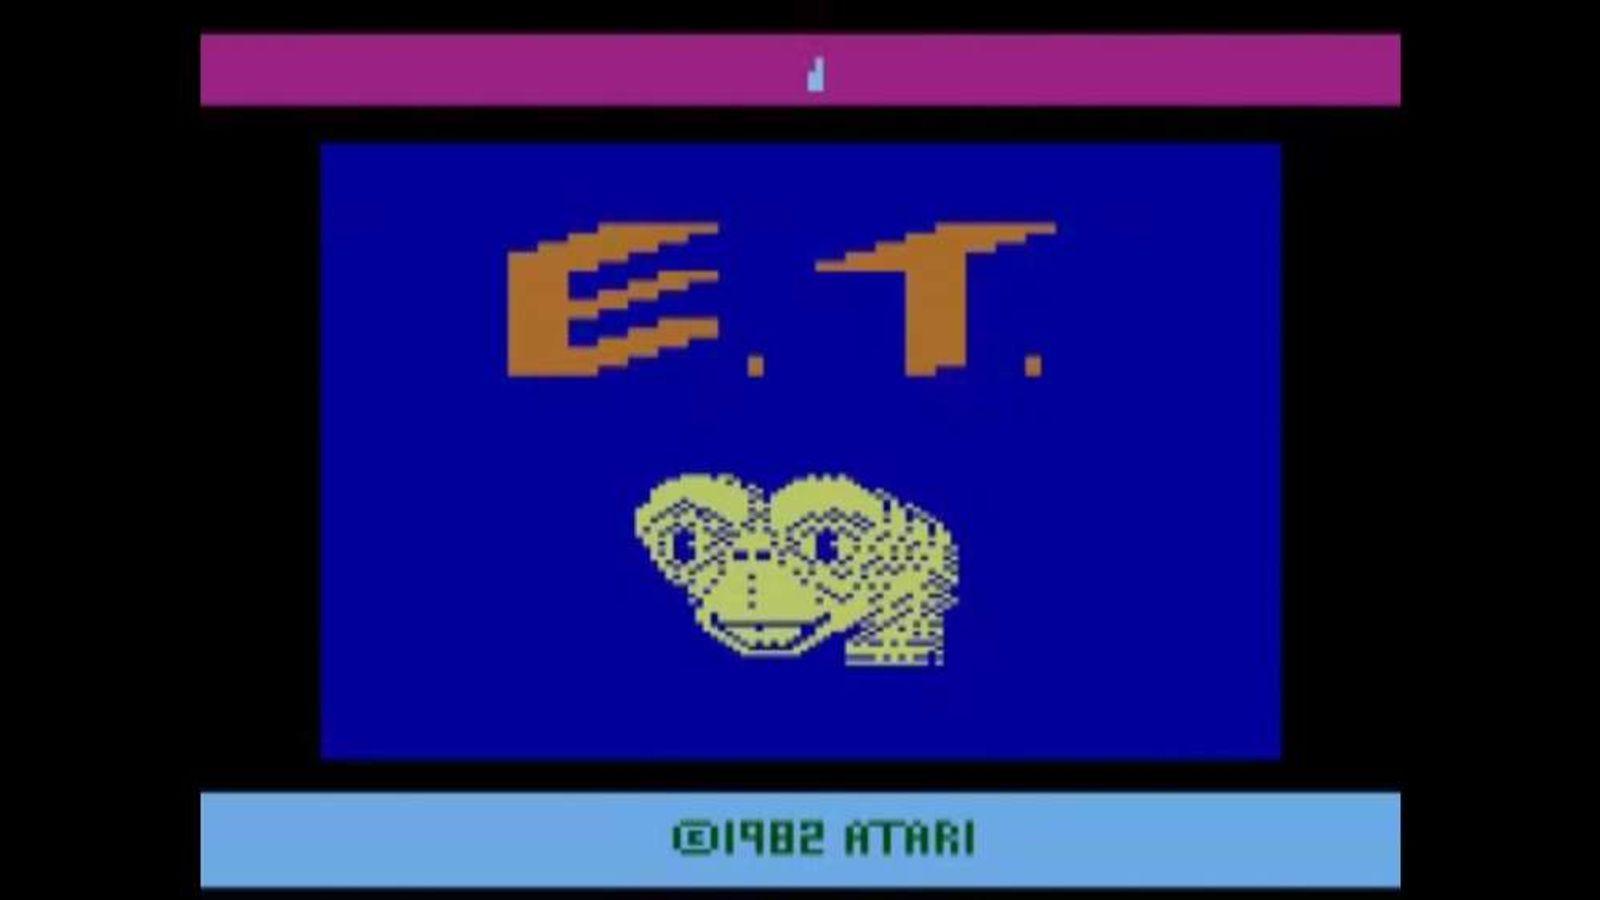 1982 Atari ET game